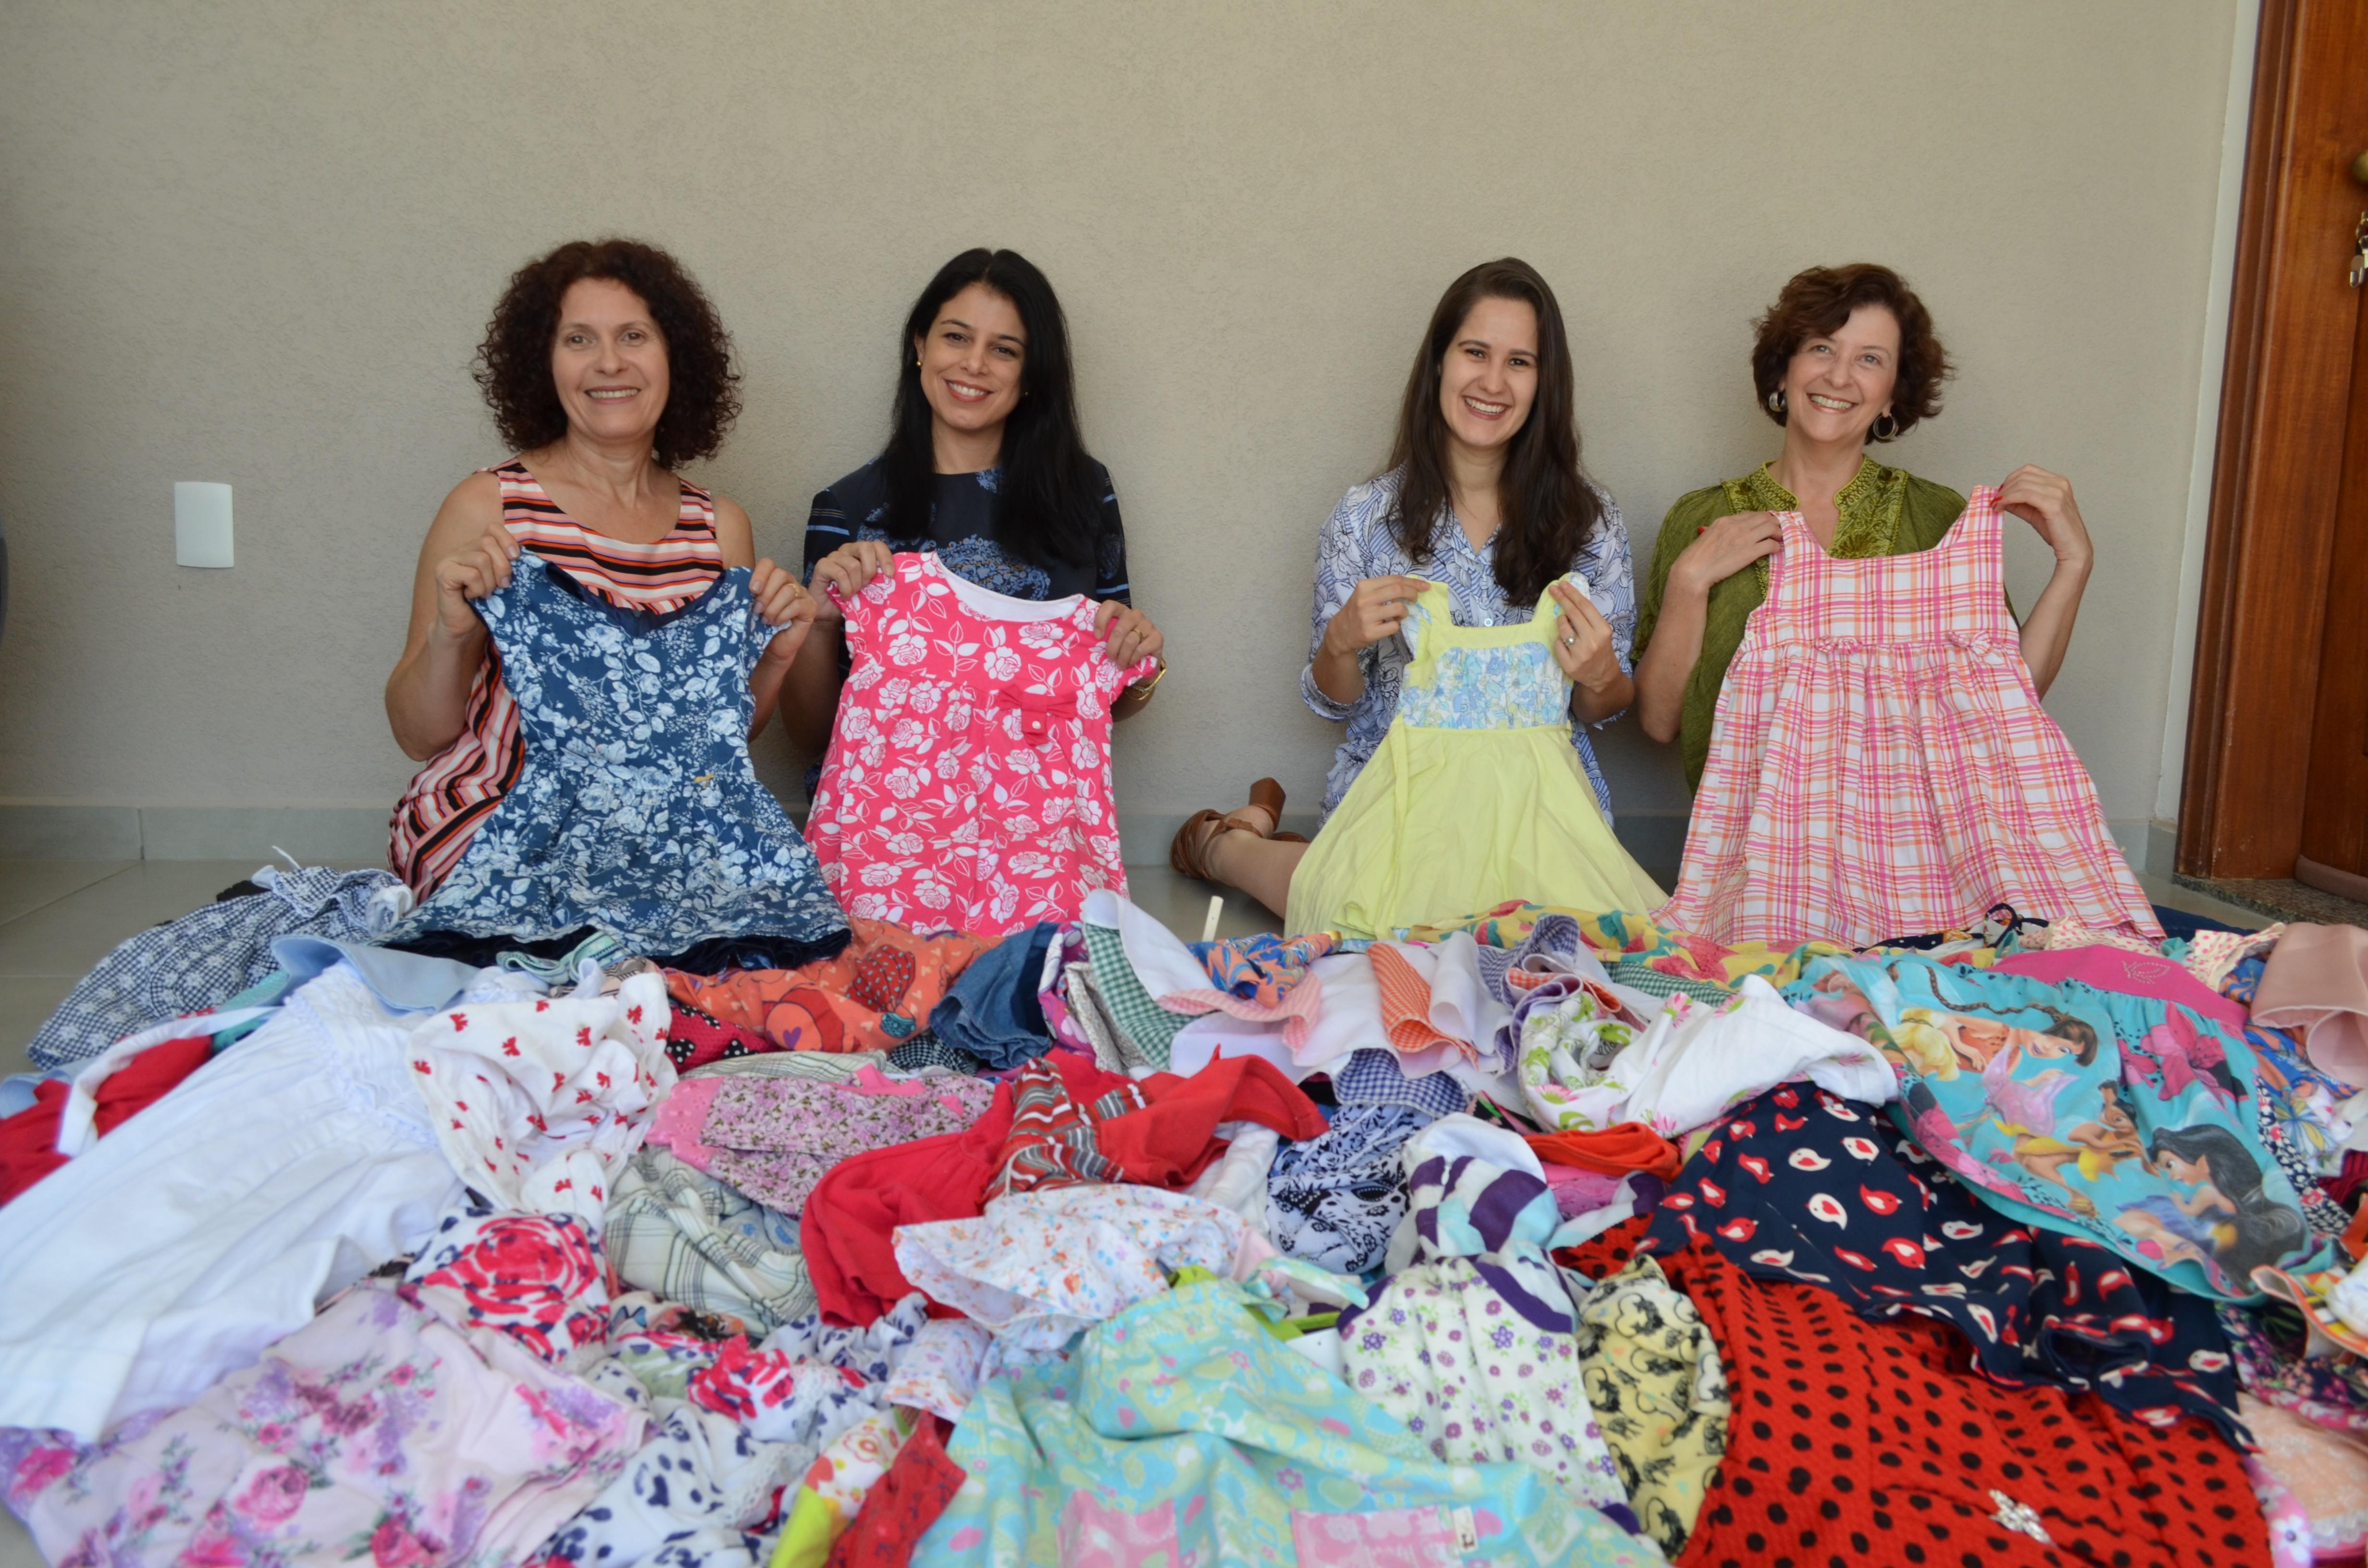 Costureiras voluntárias se unem para enviar 600 vestidos para meninas da África